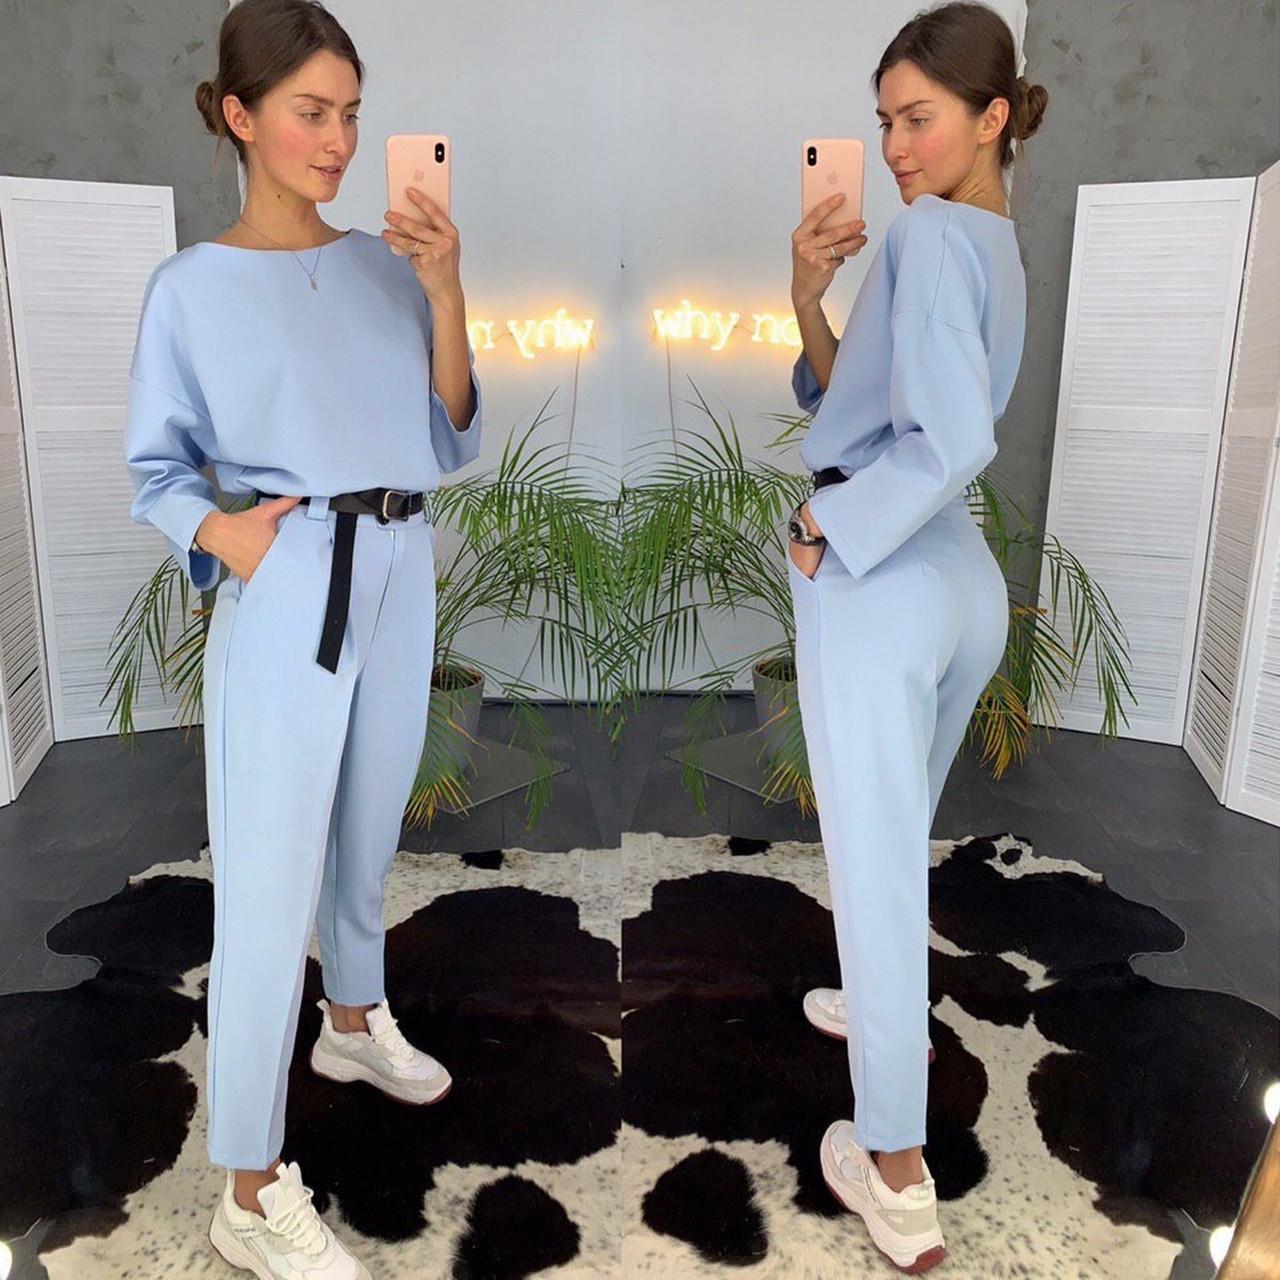 Стильный и модный женский костюм (брюки со стрелкой плюс кофта), 00714 (Голубой), Размер 42 (S)